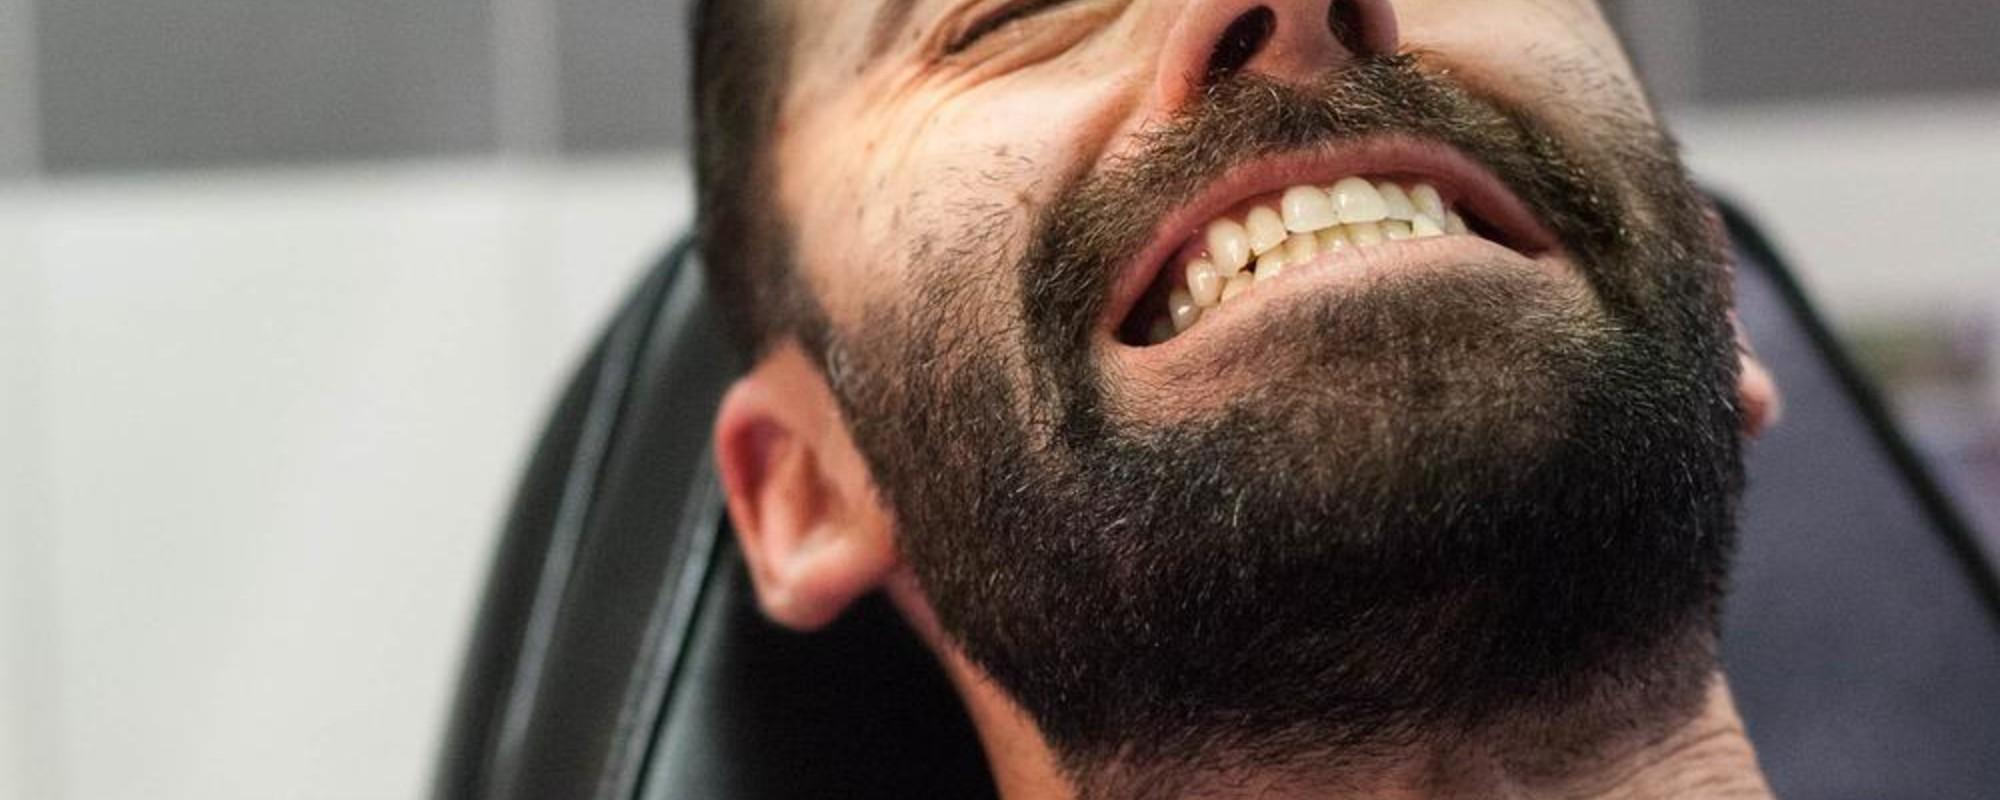 Expressões de dor de quem está a ser tatuado